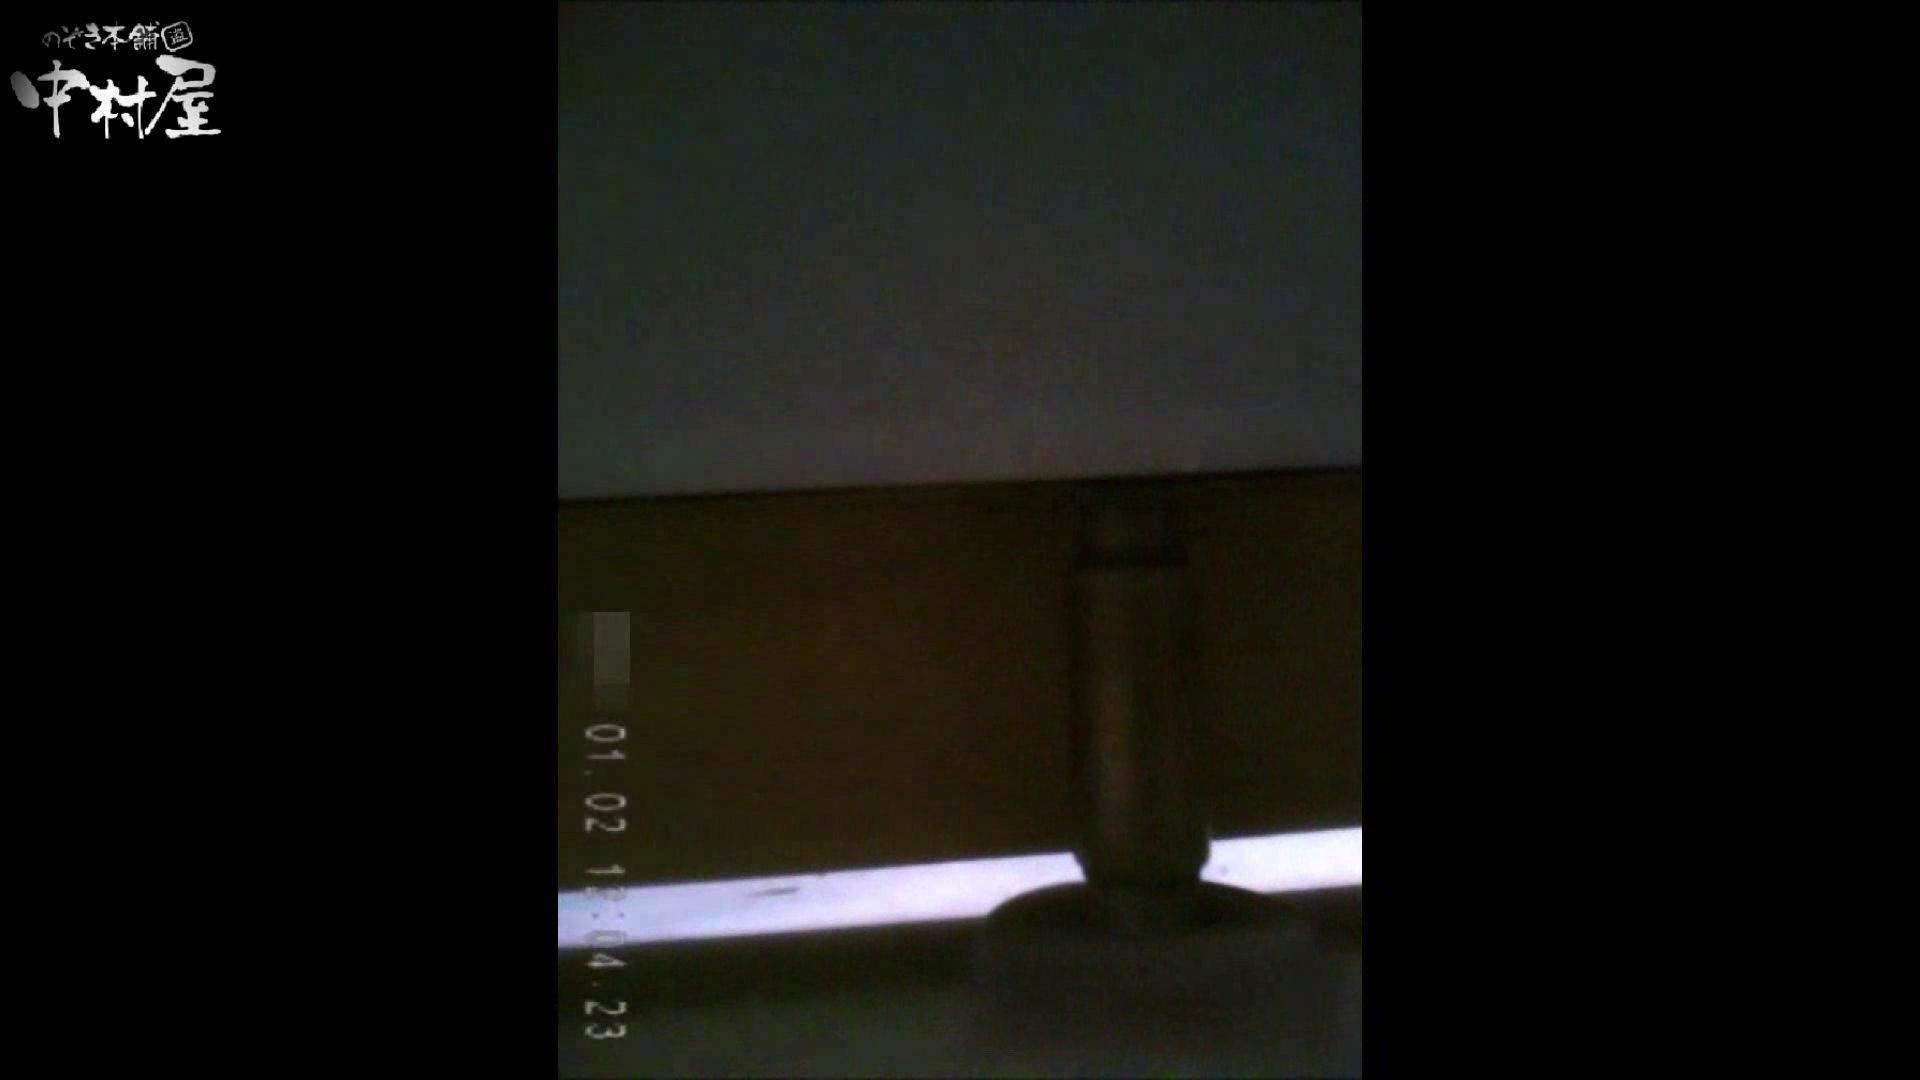 雅さんが厳選新年特別コンテンツ!激走!激走!東京マラソン選手専用女子トイレvol.6 和式 アダルト動画キャプチャ 104PIX 74